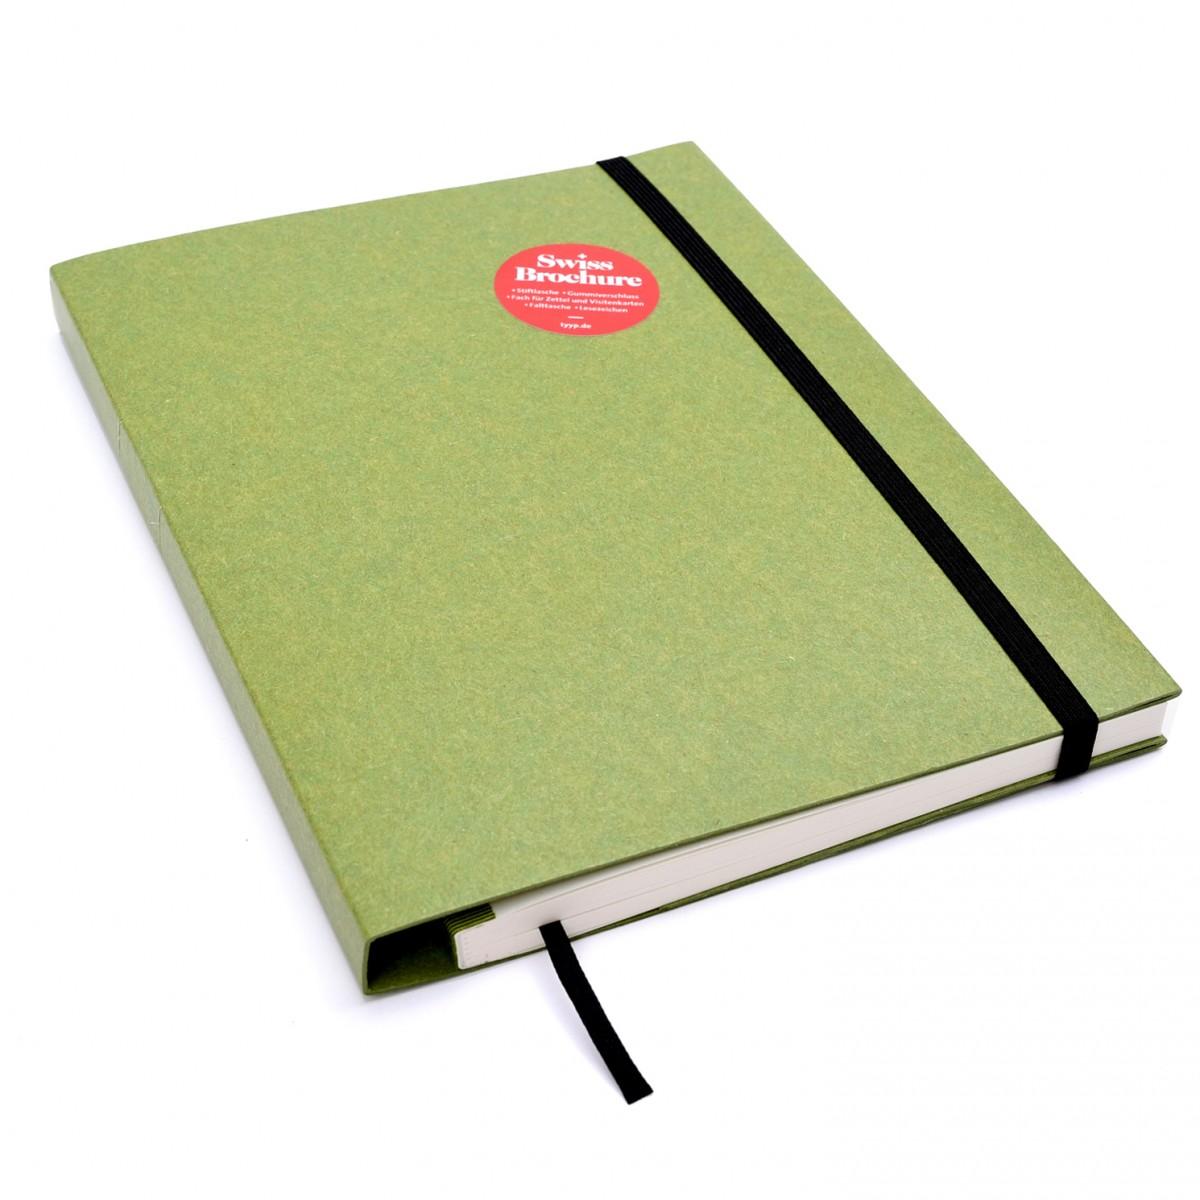 tyyp Notizbuch Schweizer Broschur - DIN A5+